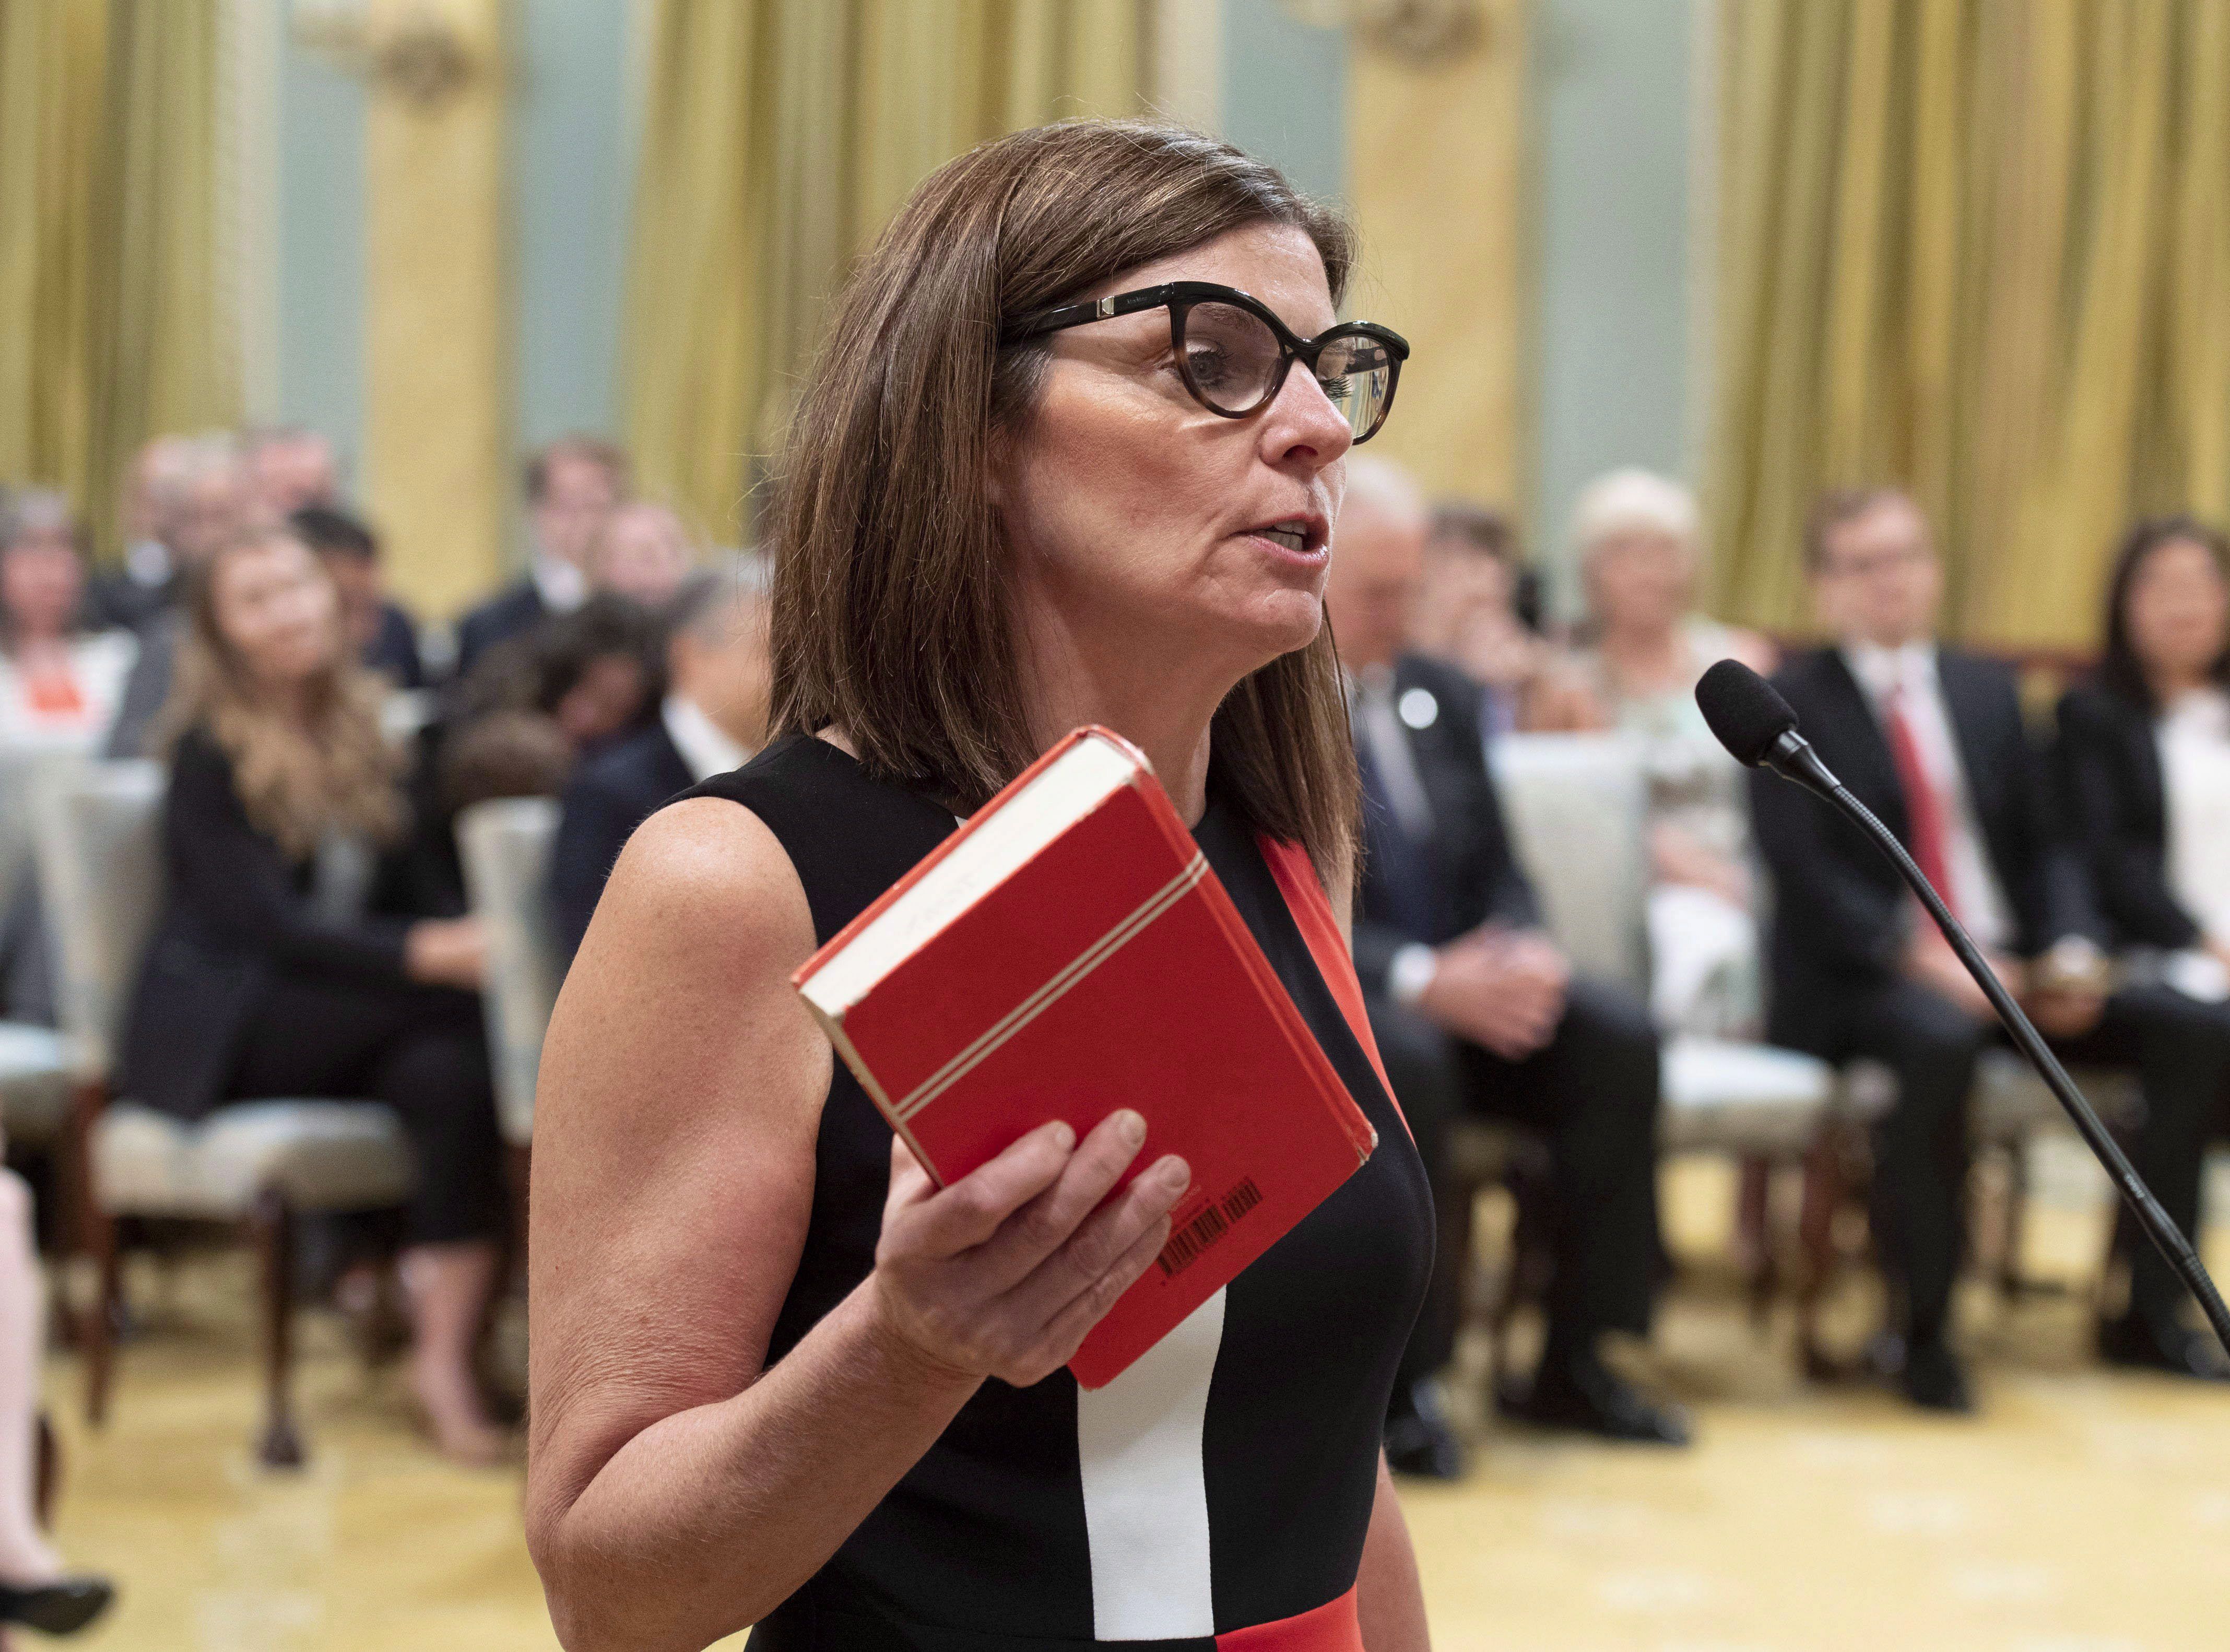 Canada: Becoming a Senior Society